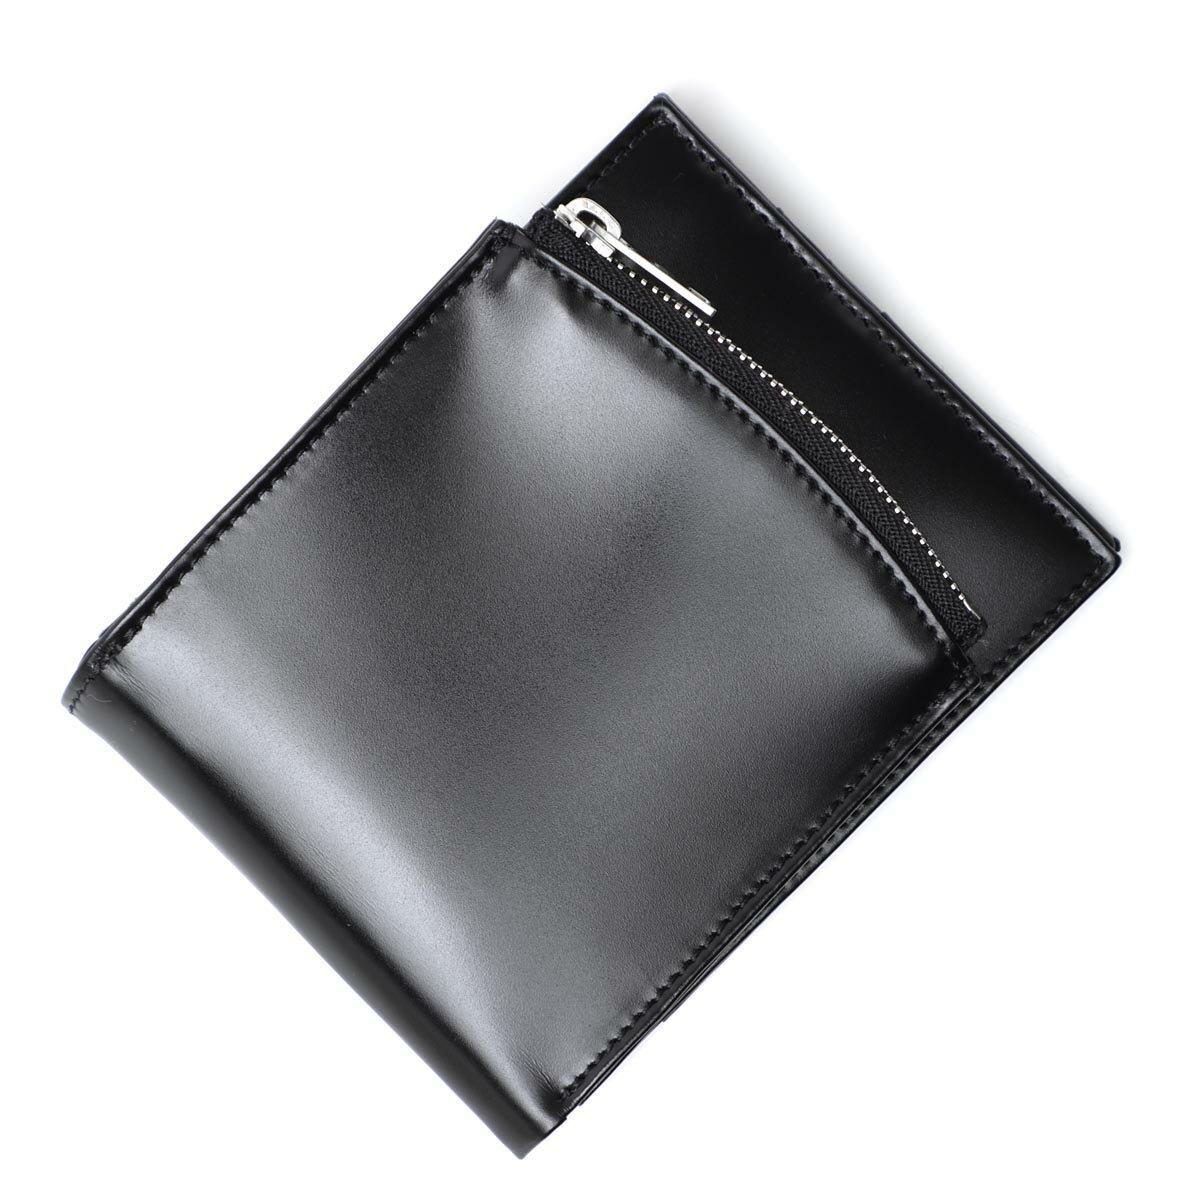 財布・ケース, メンズ財布  Maison Margiela 2 s35ui0436 p2714 t8013 11 2021SS